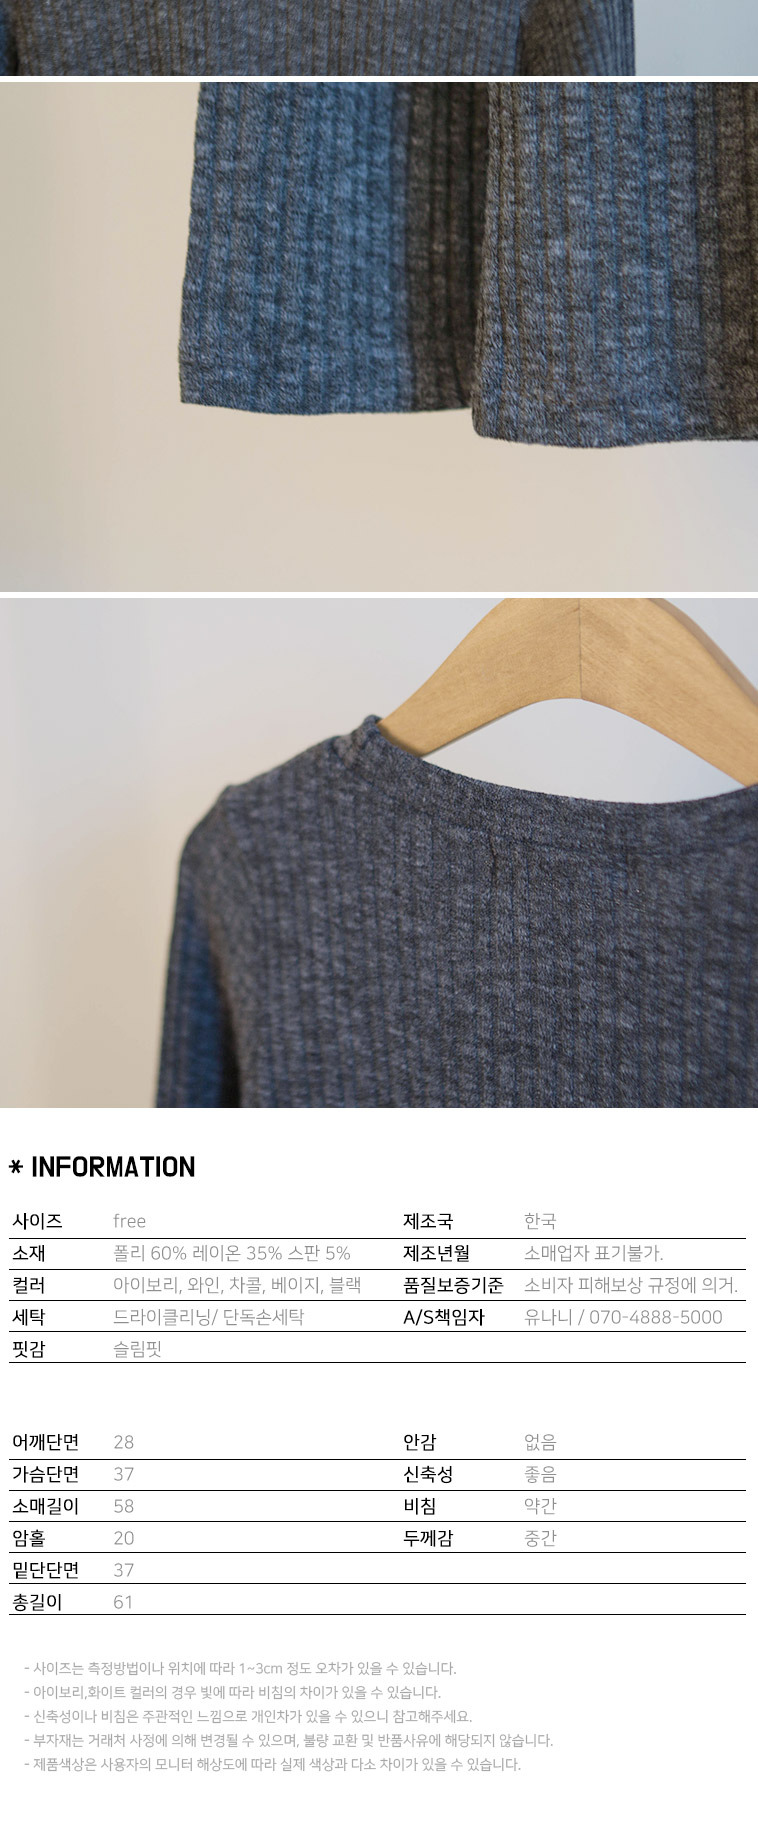 [명예의전당] 골지티/롱티/레이스티 - 상세정보